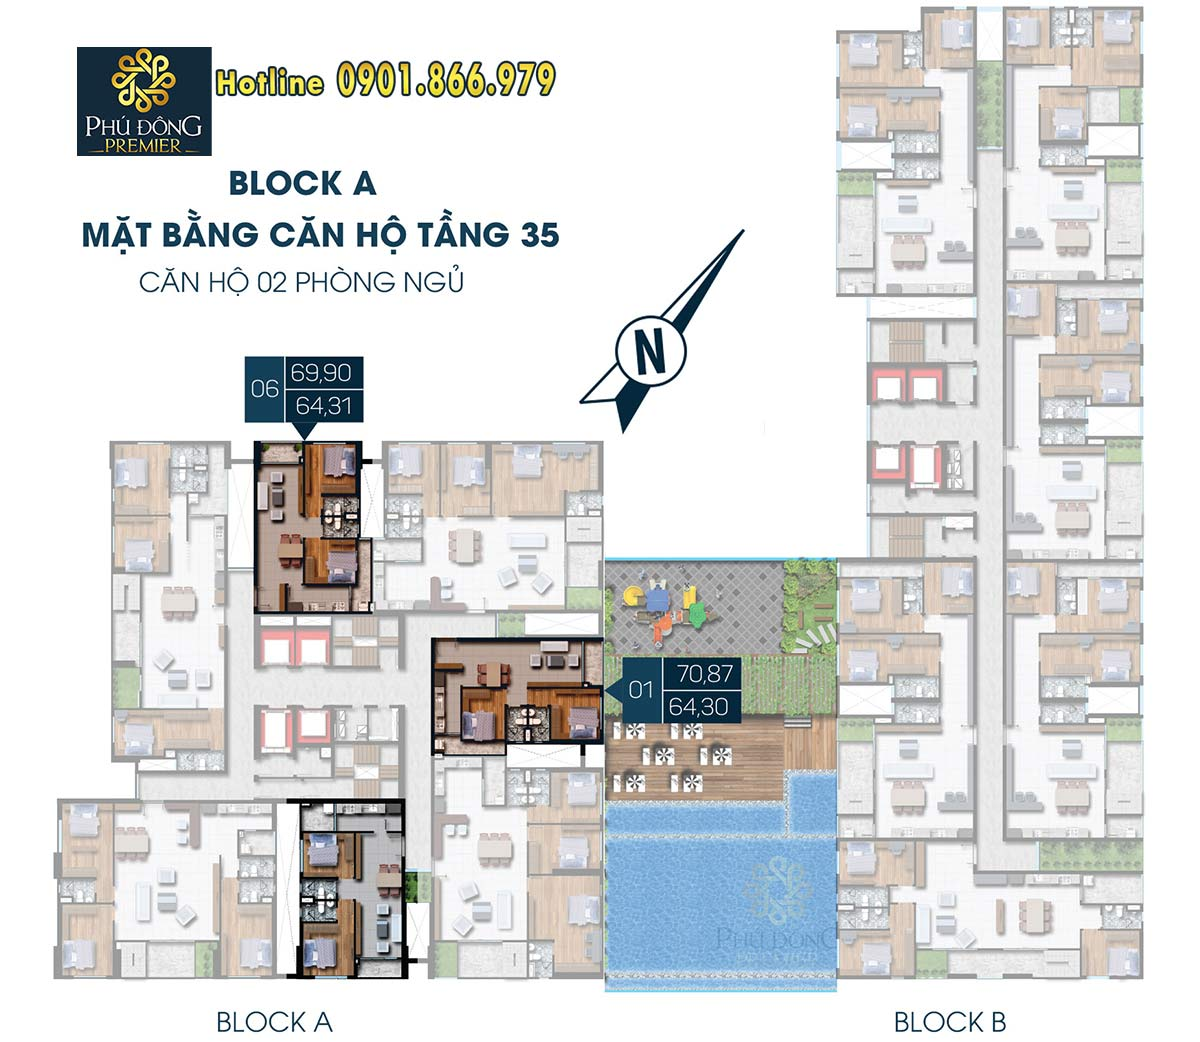 Mặt bằng mẫu Penhouse căn hộ Phú Đông Premier Block A